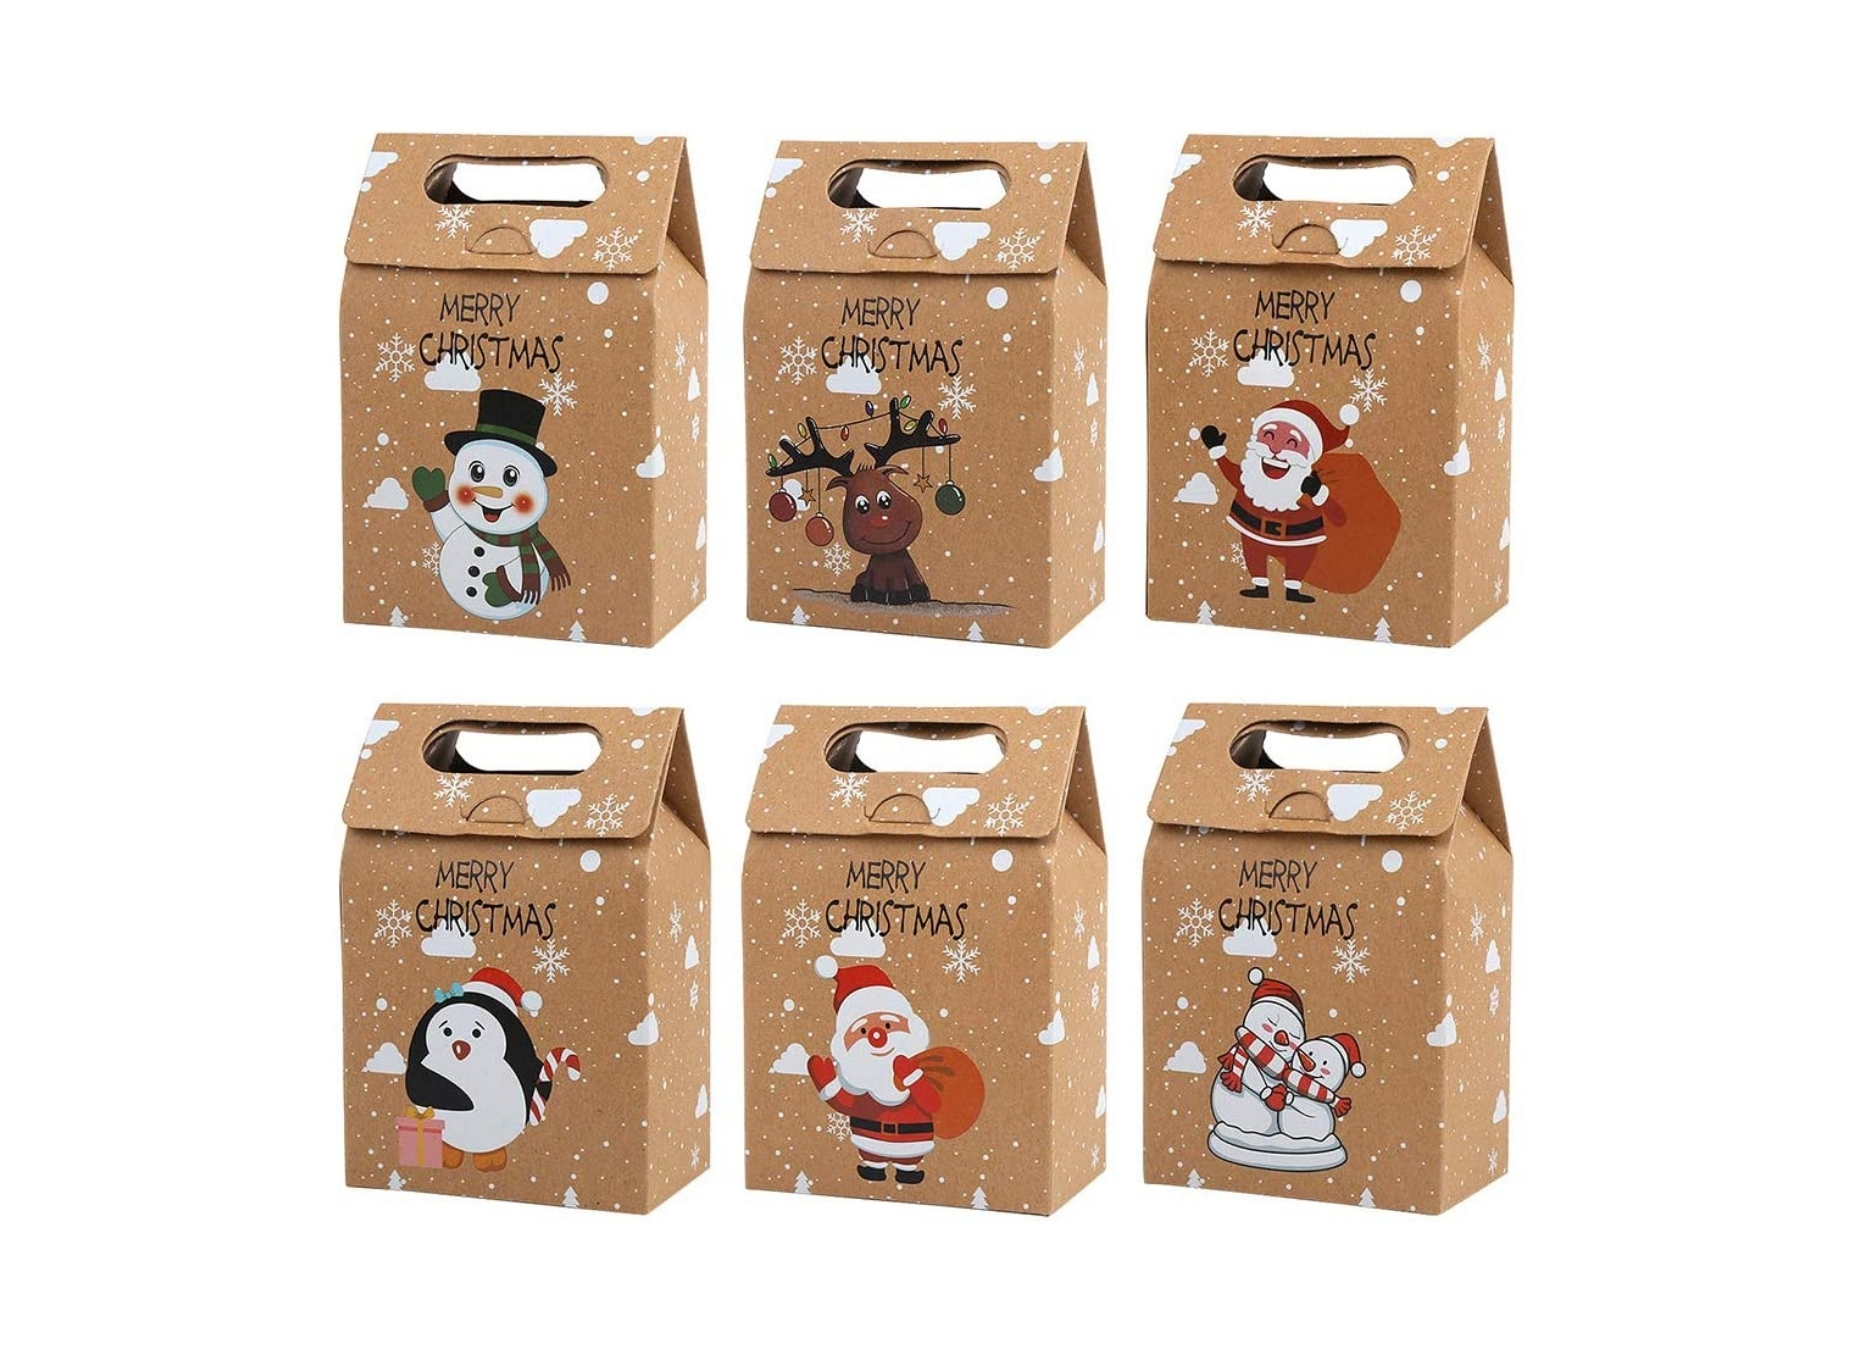 Christmas Handled Kraft Boxes